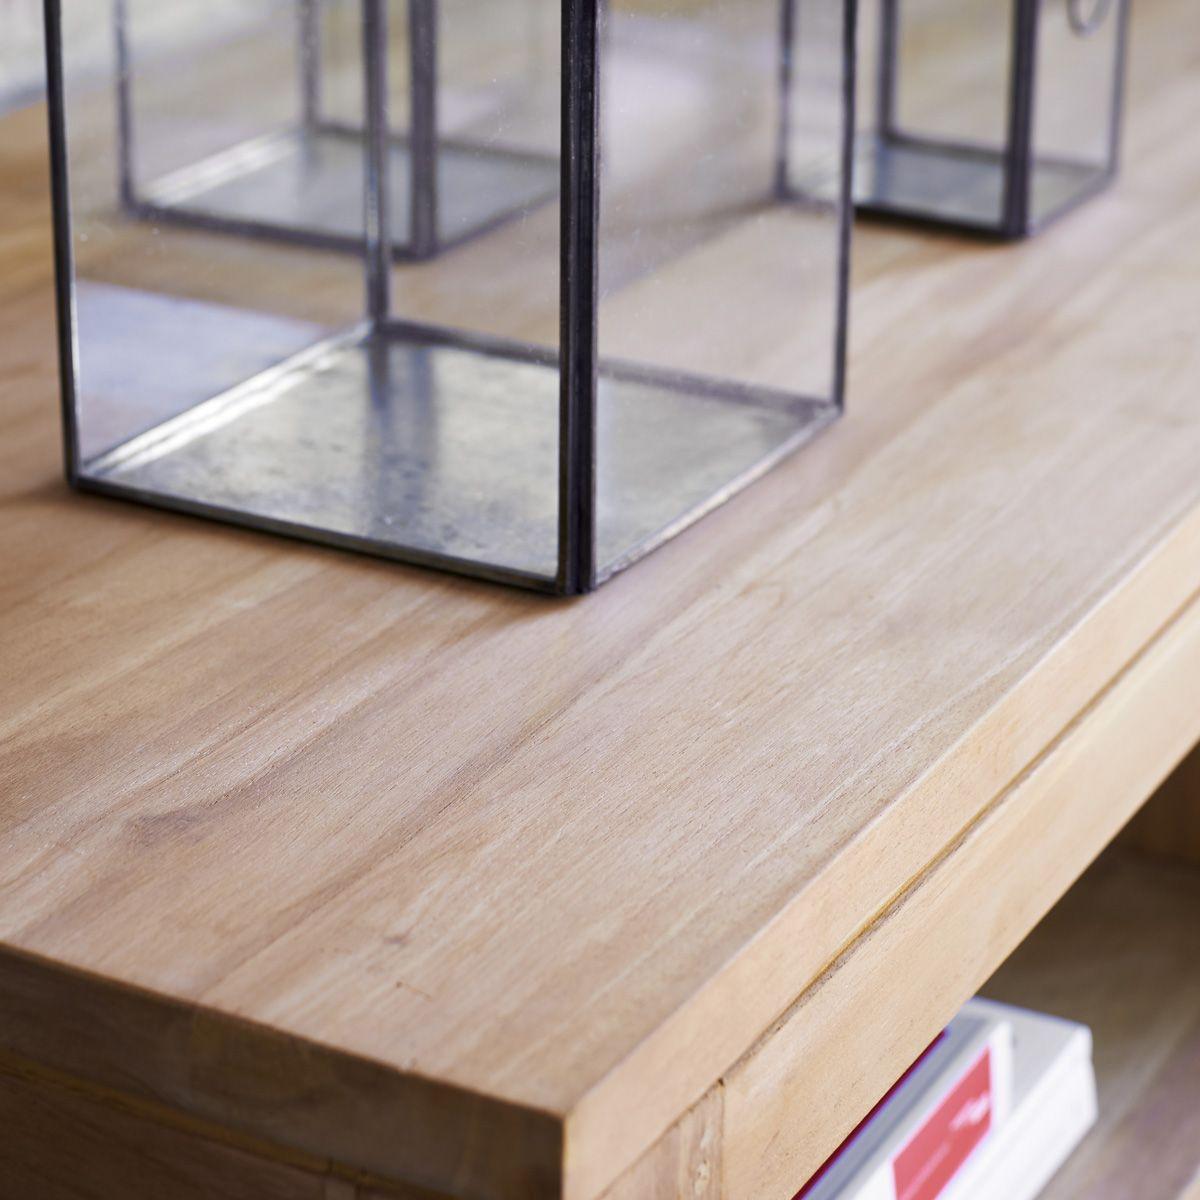 Meuble Pour Tv Plasma Table T L En Teck Naturel Tikamoon  # Table Pour Tv